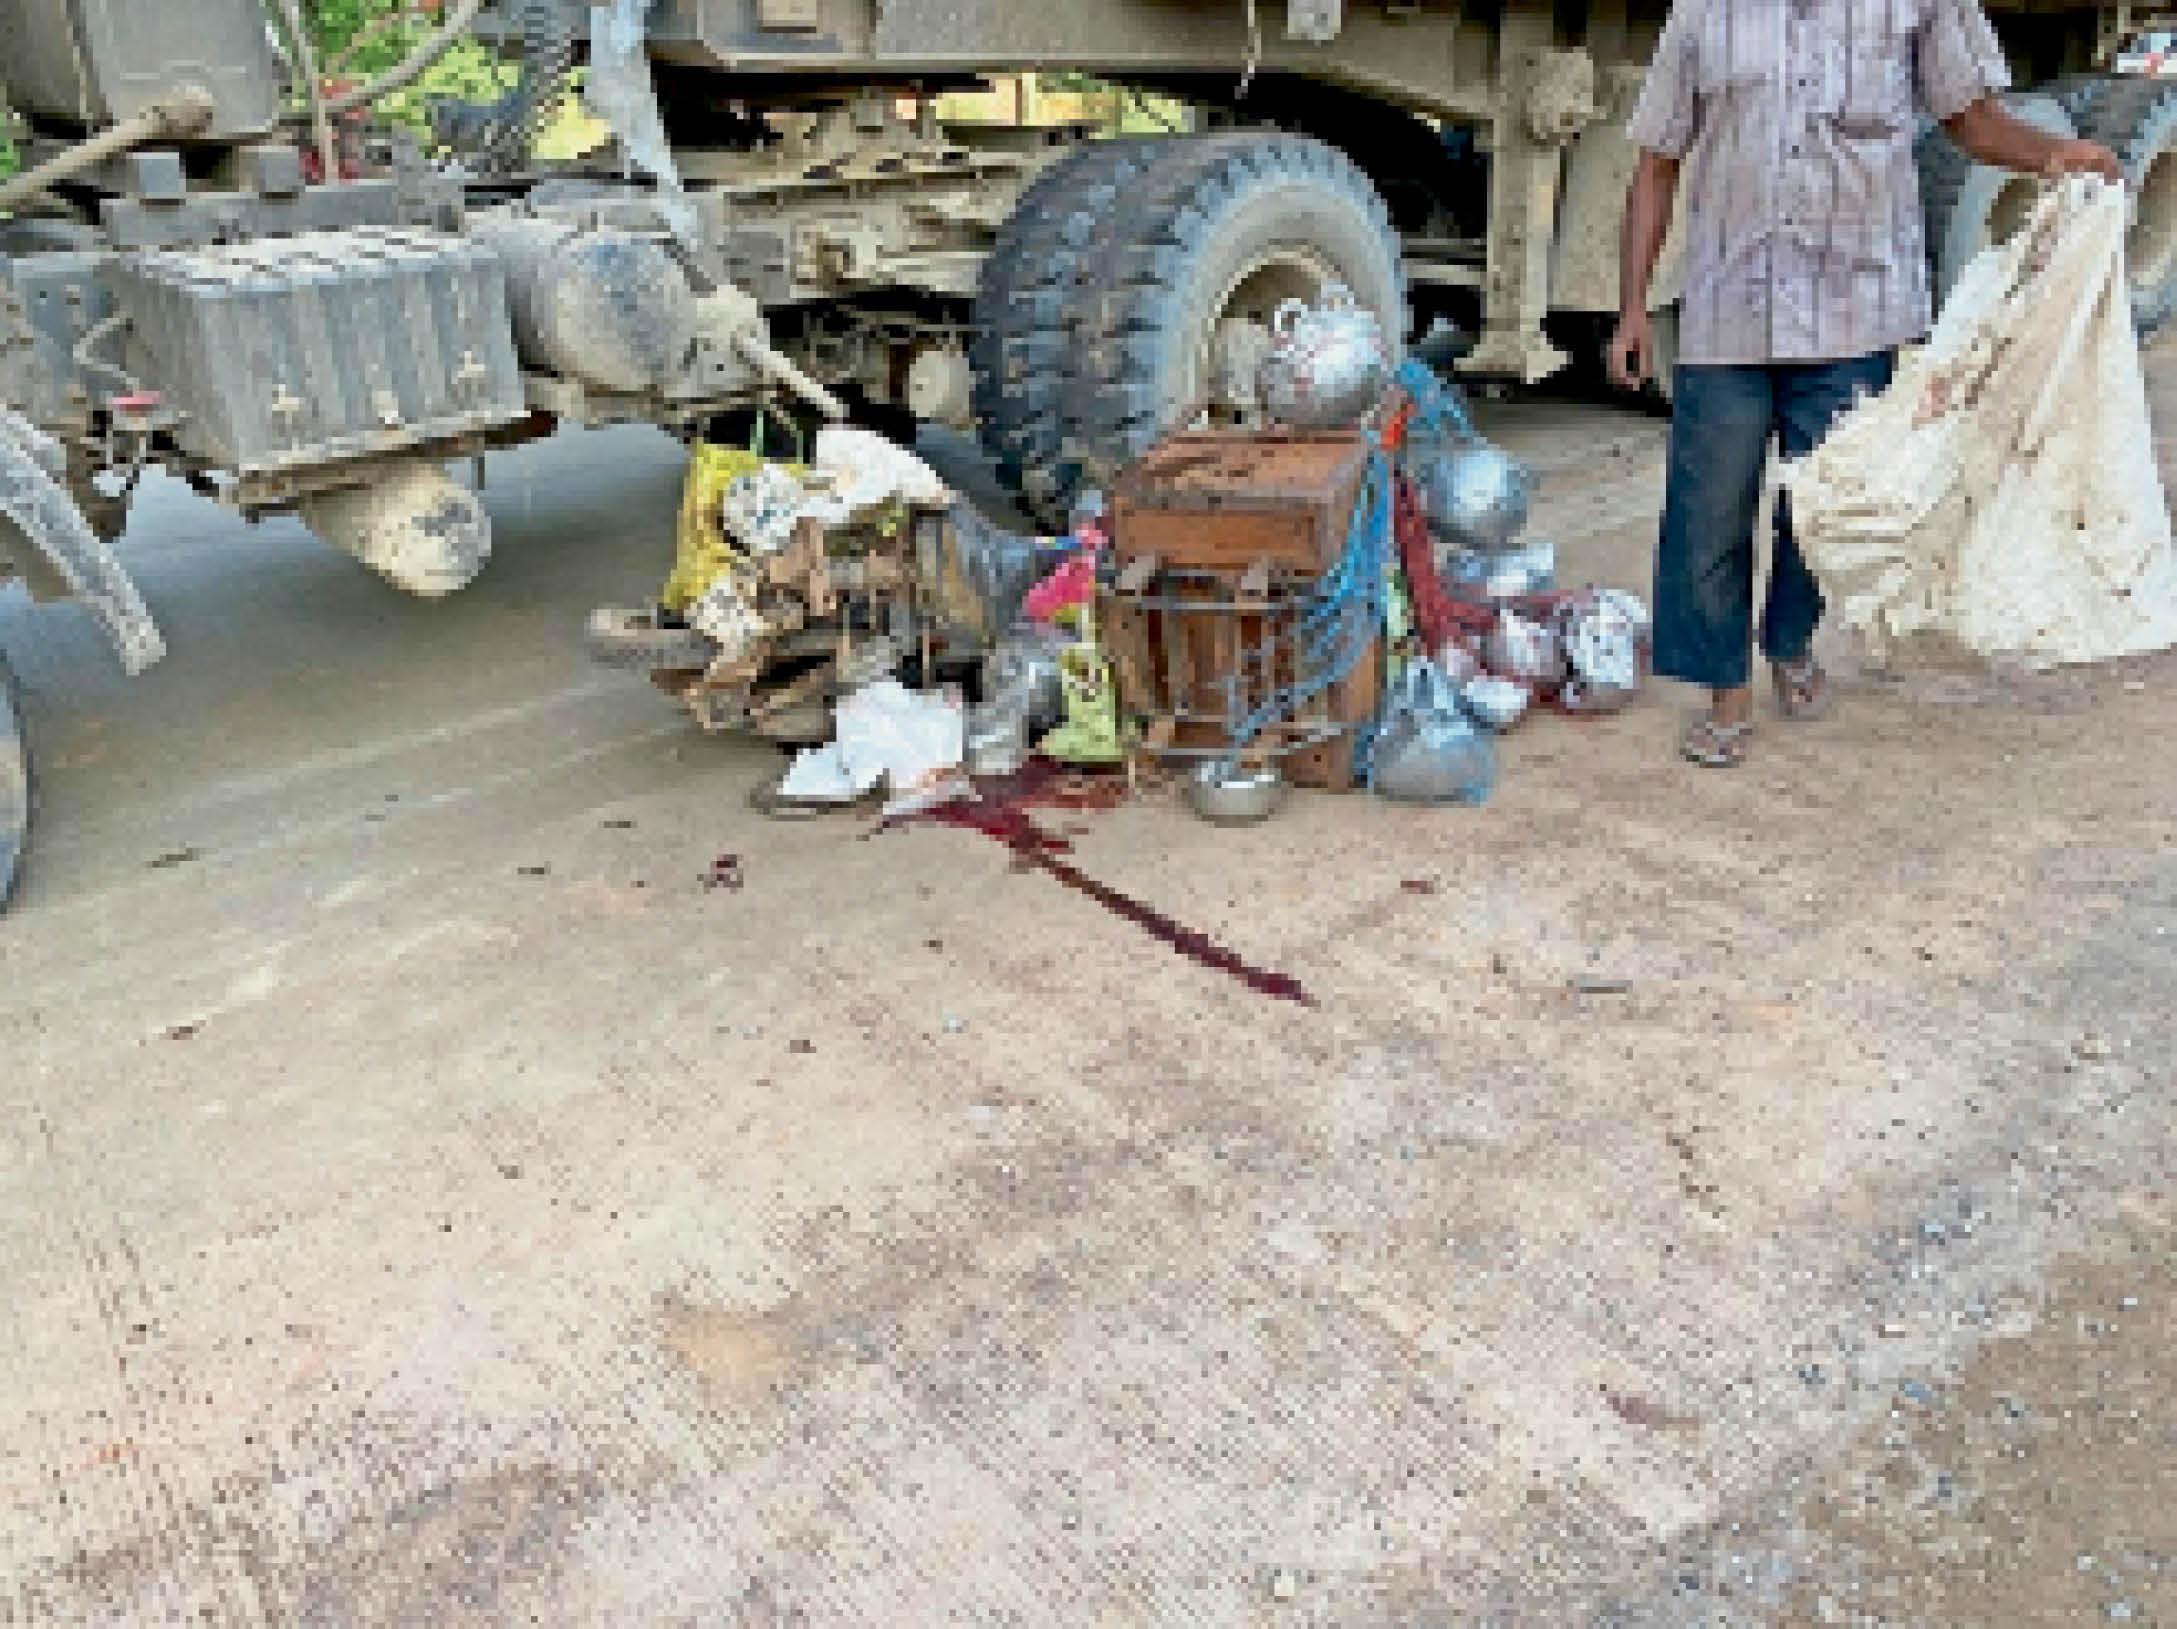 हादसे के बाद सड़क पर फैला खून। - Dainik Bhaskar